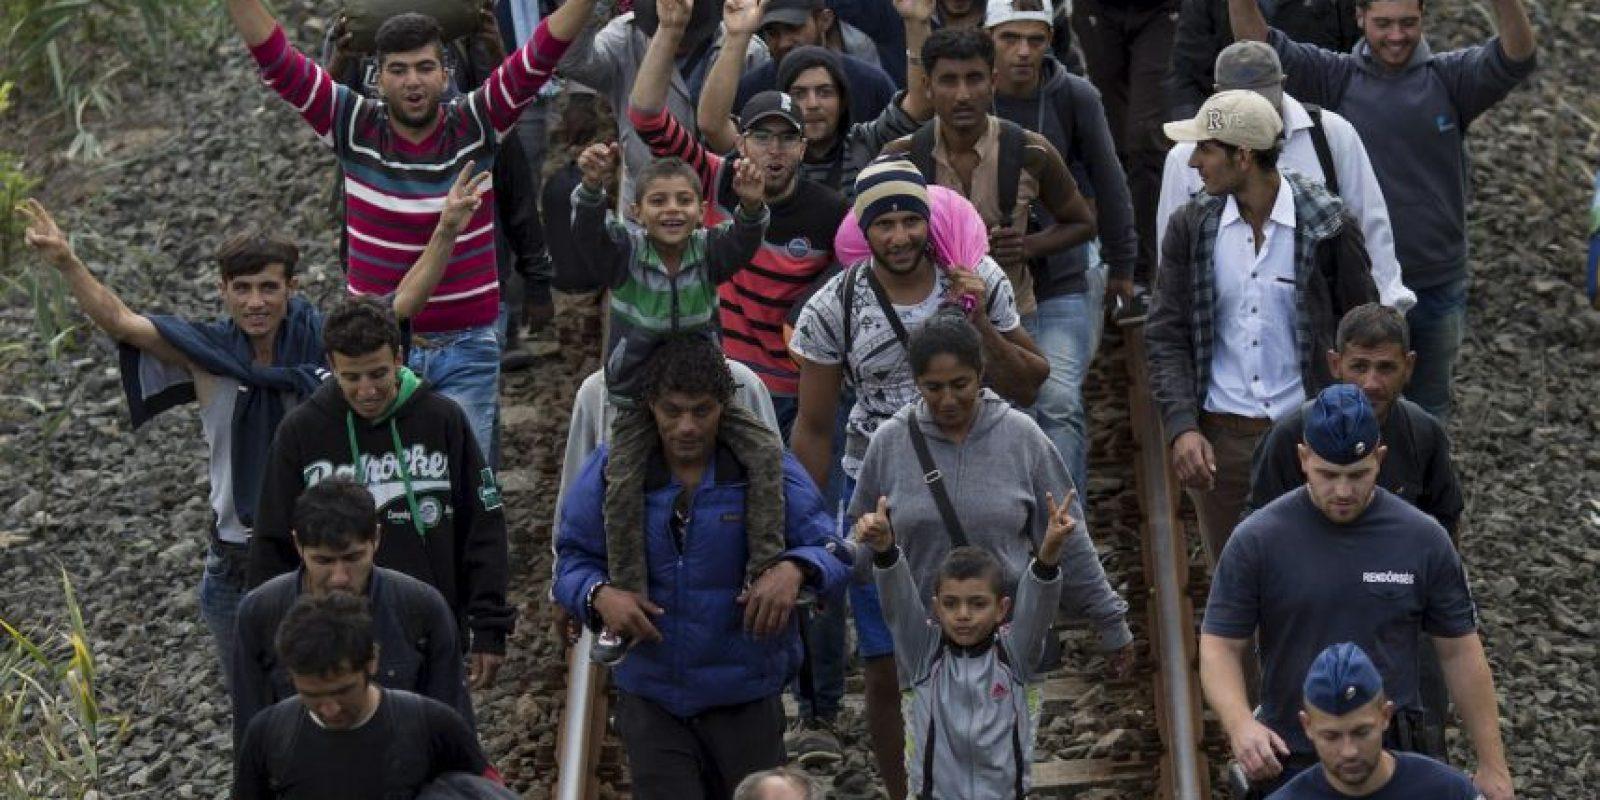 Ayer fracasó el plan para distribuir a los refugiados en países de la Unión Europea. Foto:Getty Images